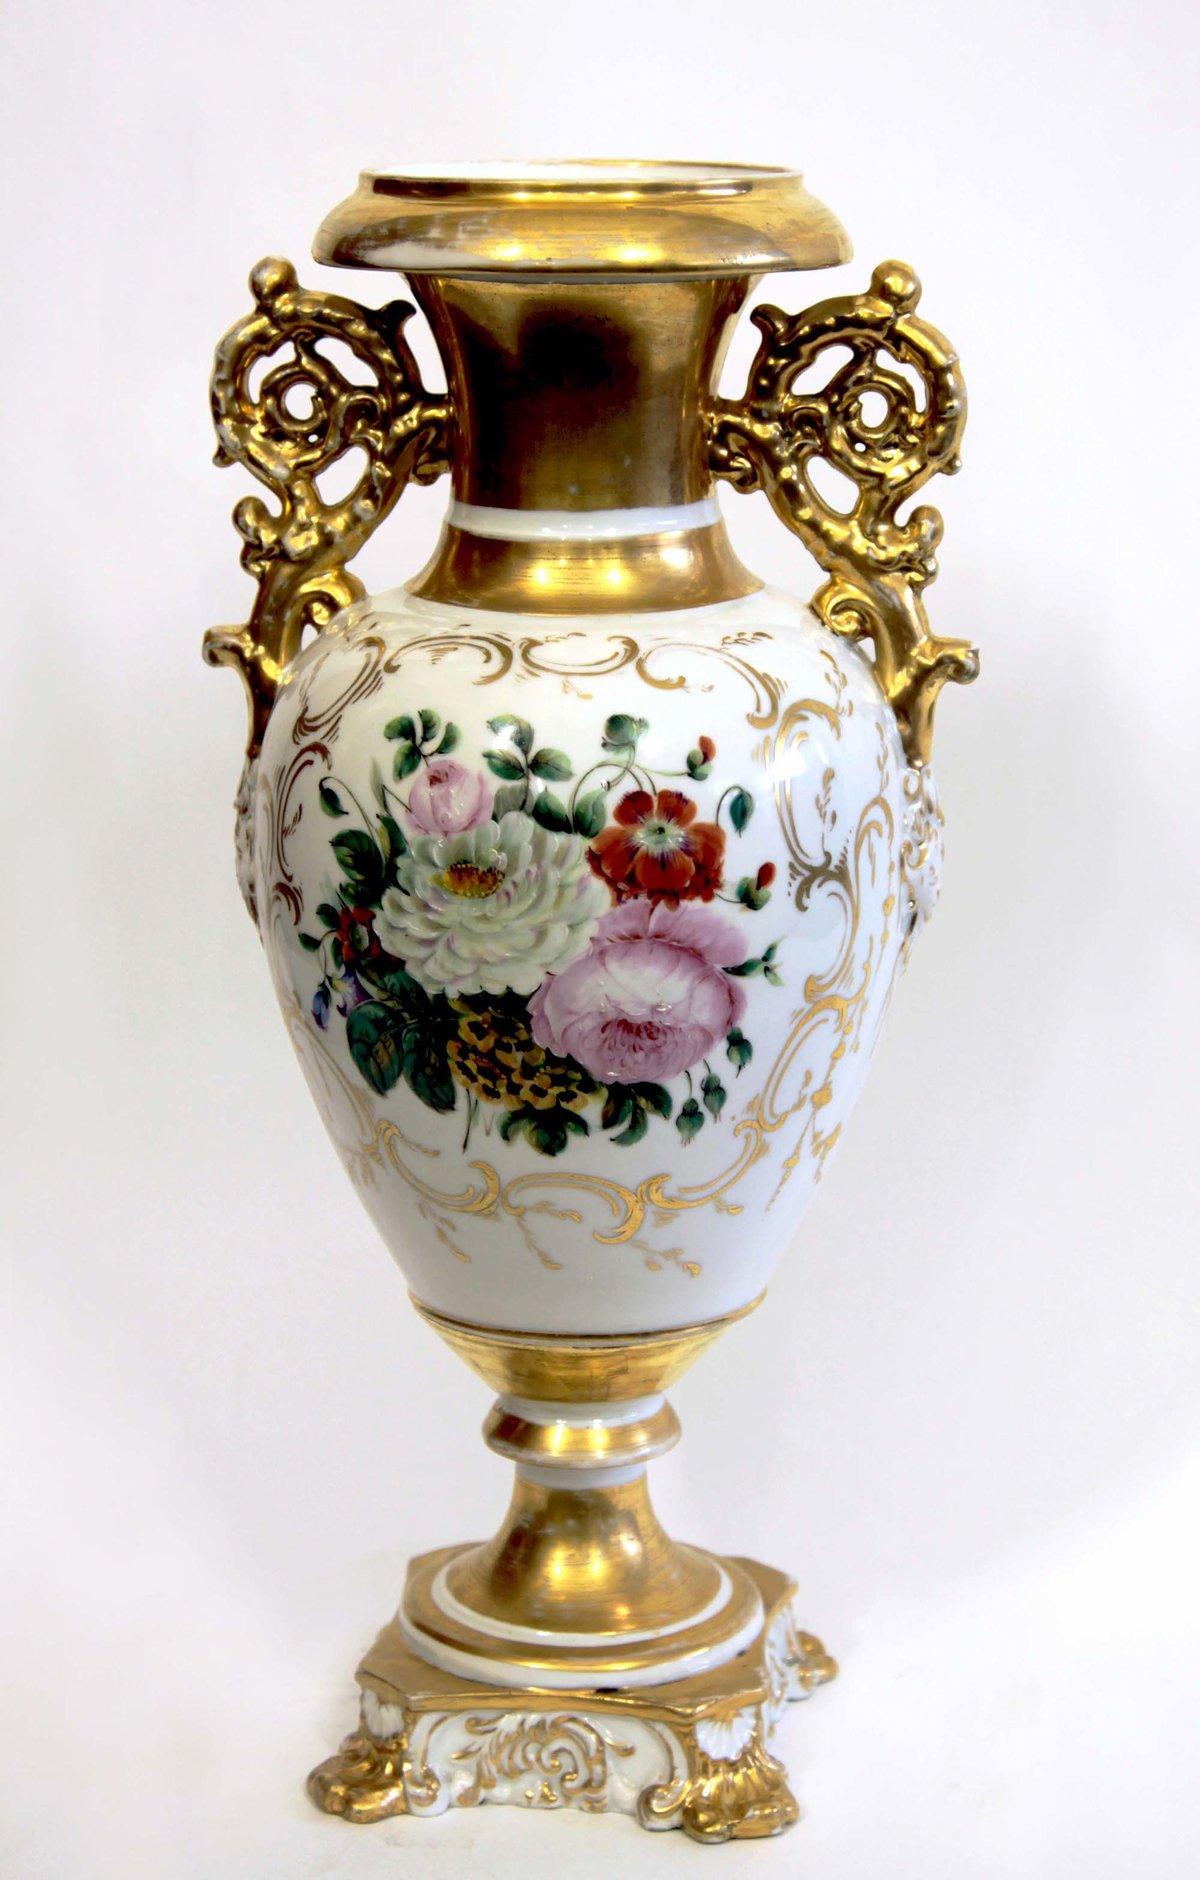 рынке красивые старинные вазы картинки почти каждый человек